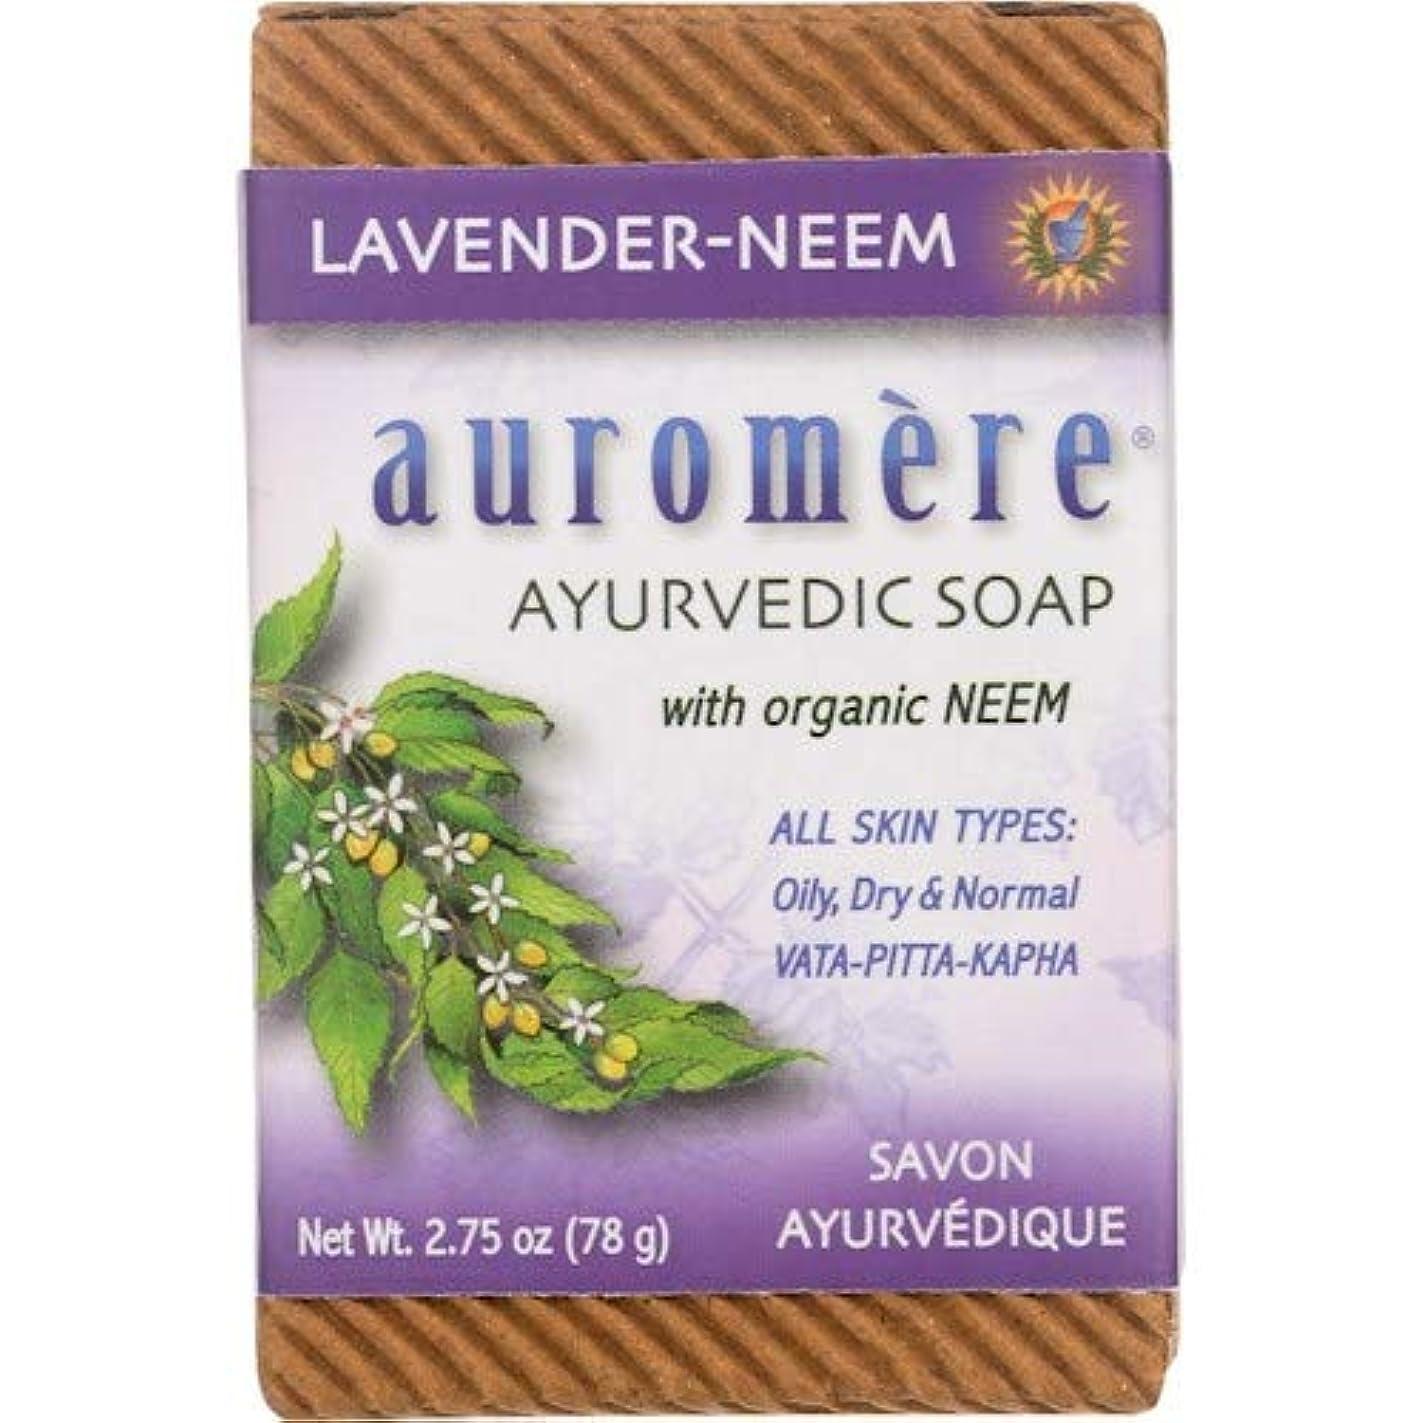 うなずくハロウィンデコレーションオーロメア (Auromere) アーユルヴェーダ 石鹸/ラベンダー?ニーム 78g 6+1個 セット